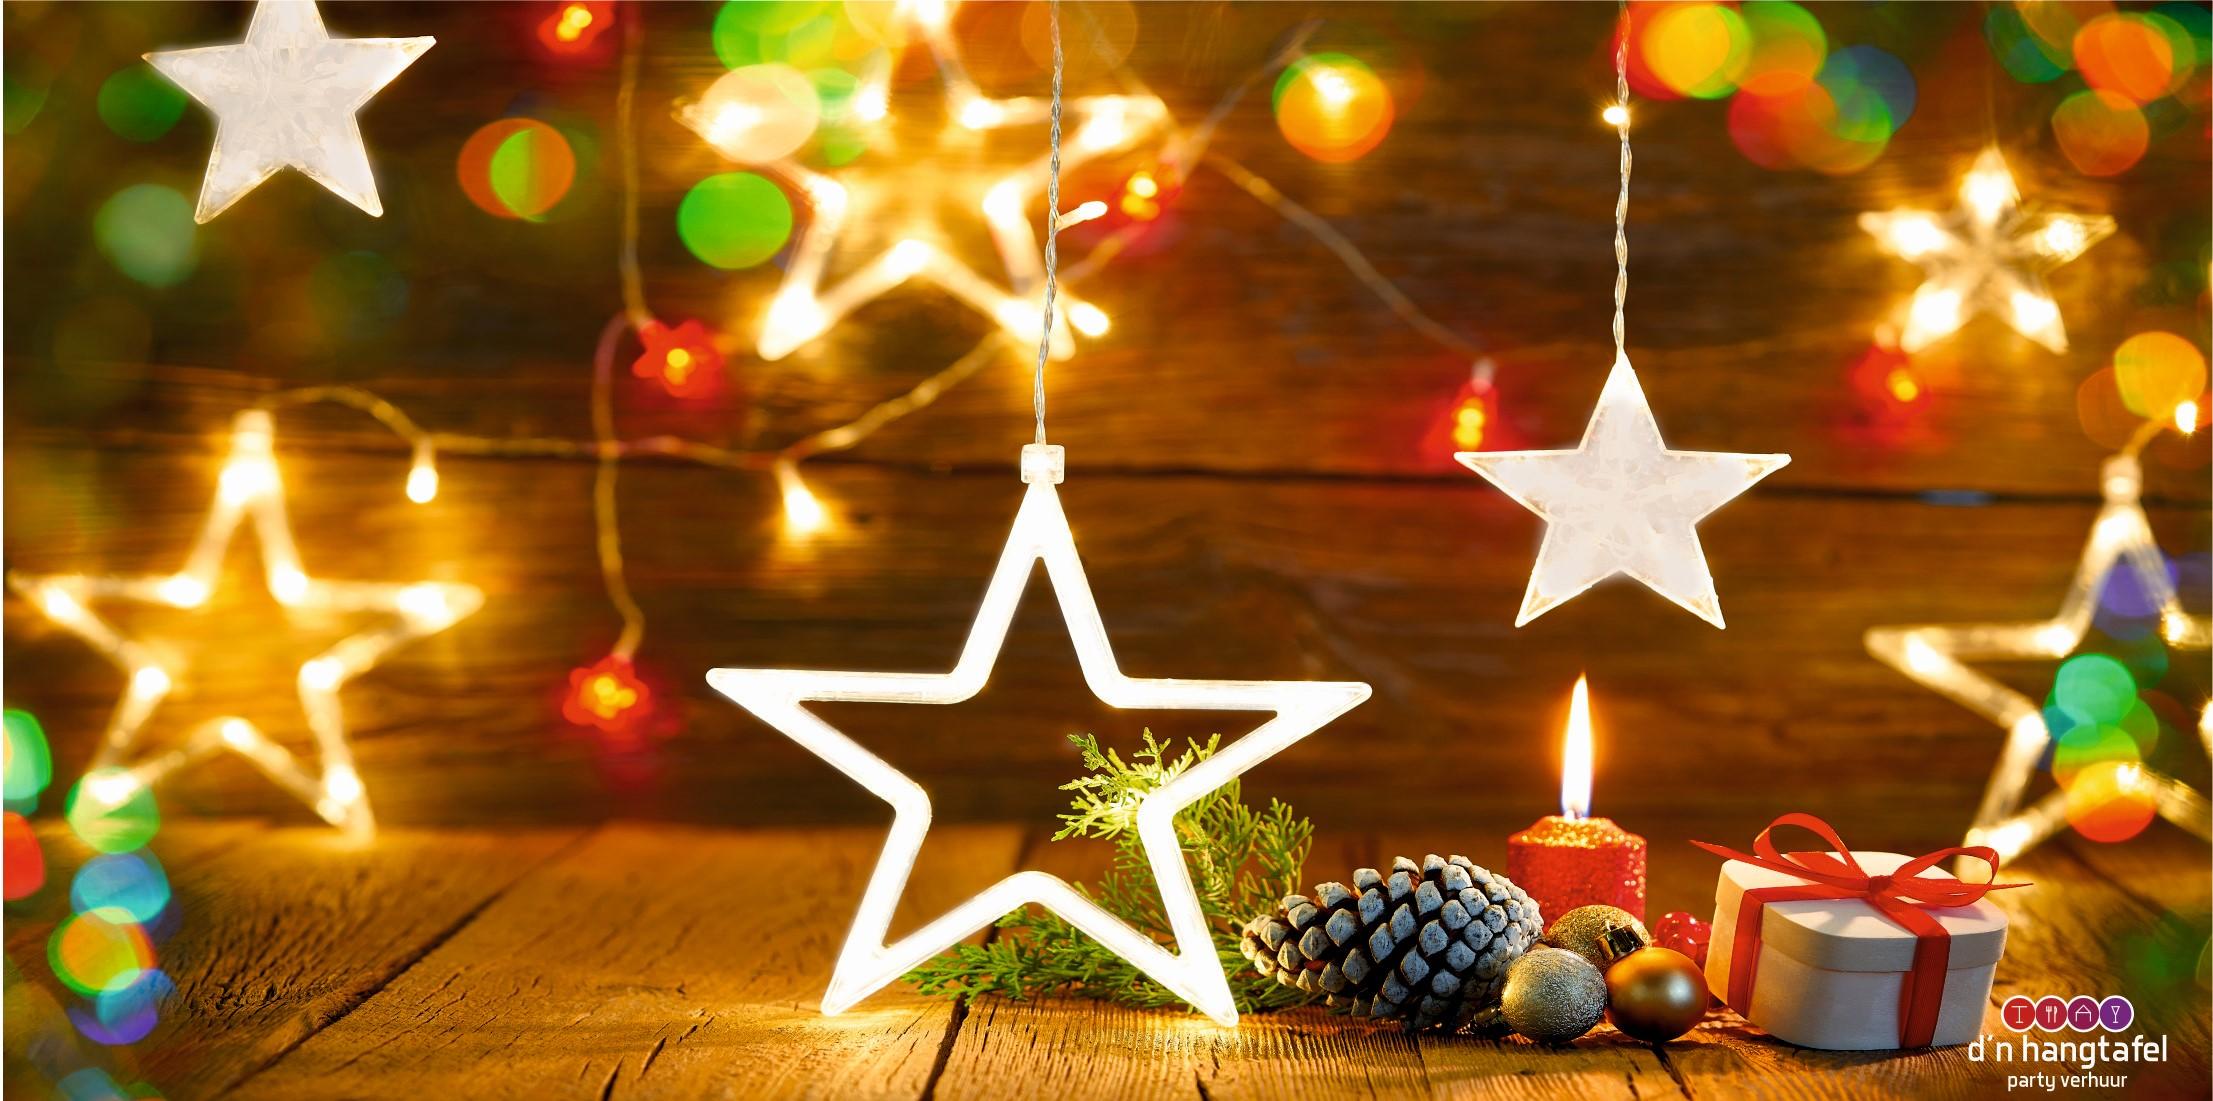 Bouwhek met kerst thema doek (Kerststerren met verlichting)